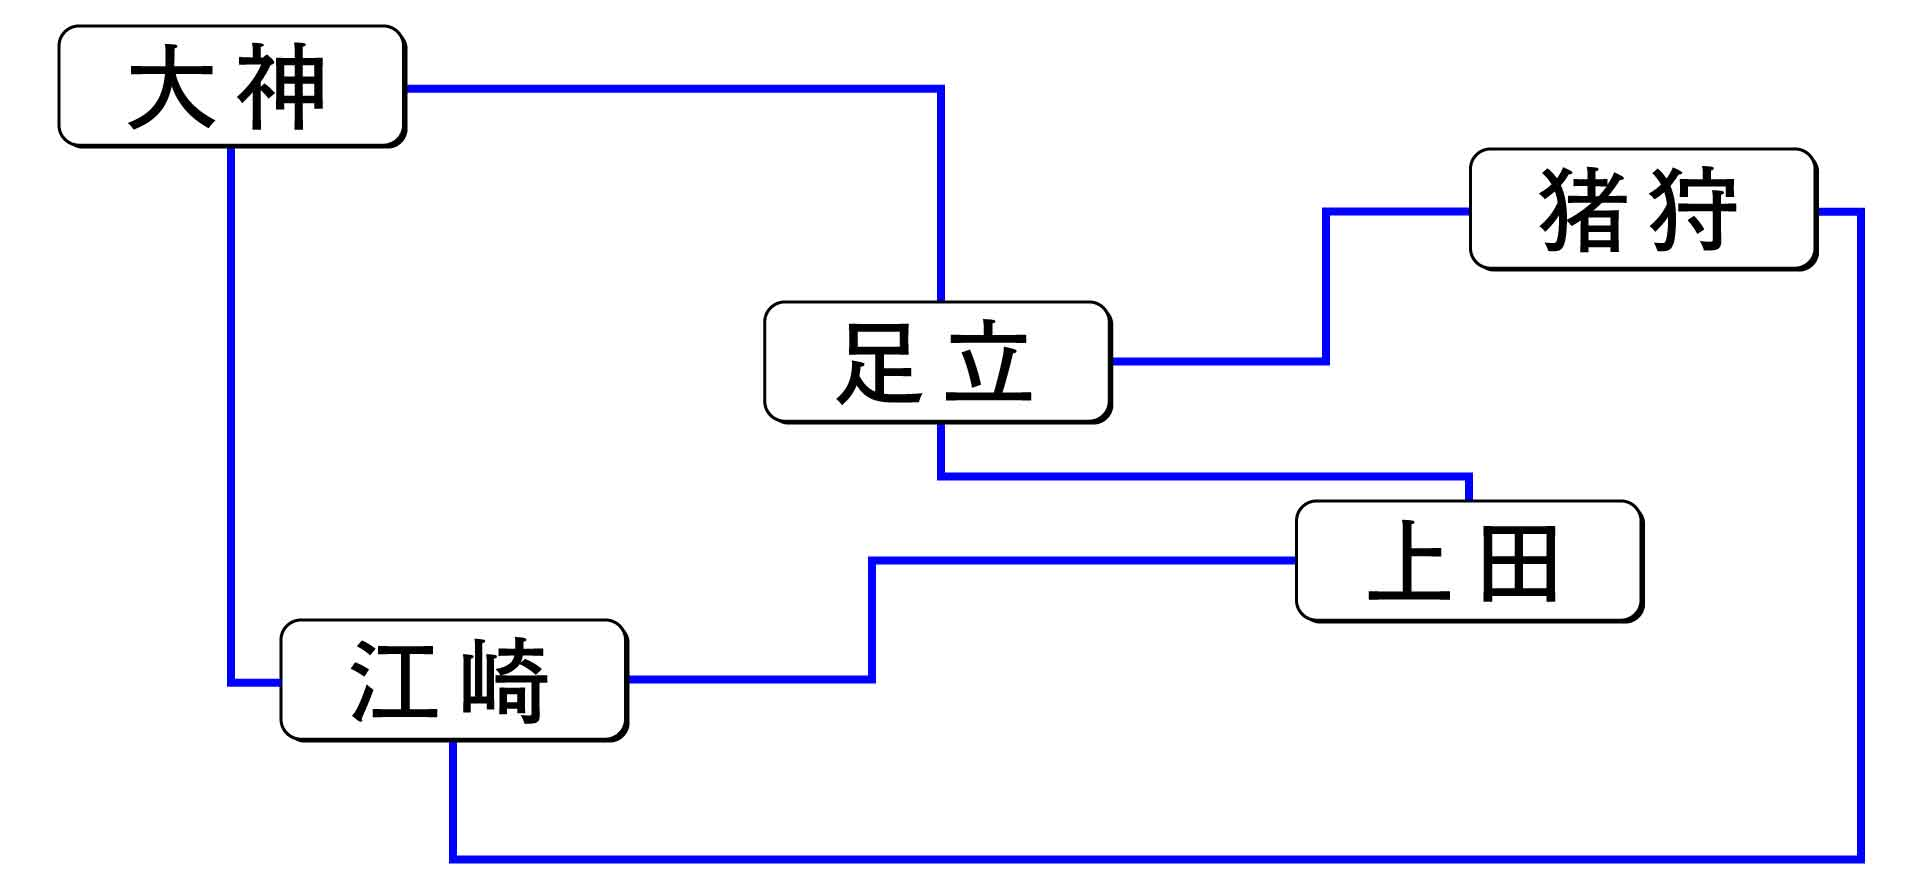 循環グラフの一種であるSNSの人間関係